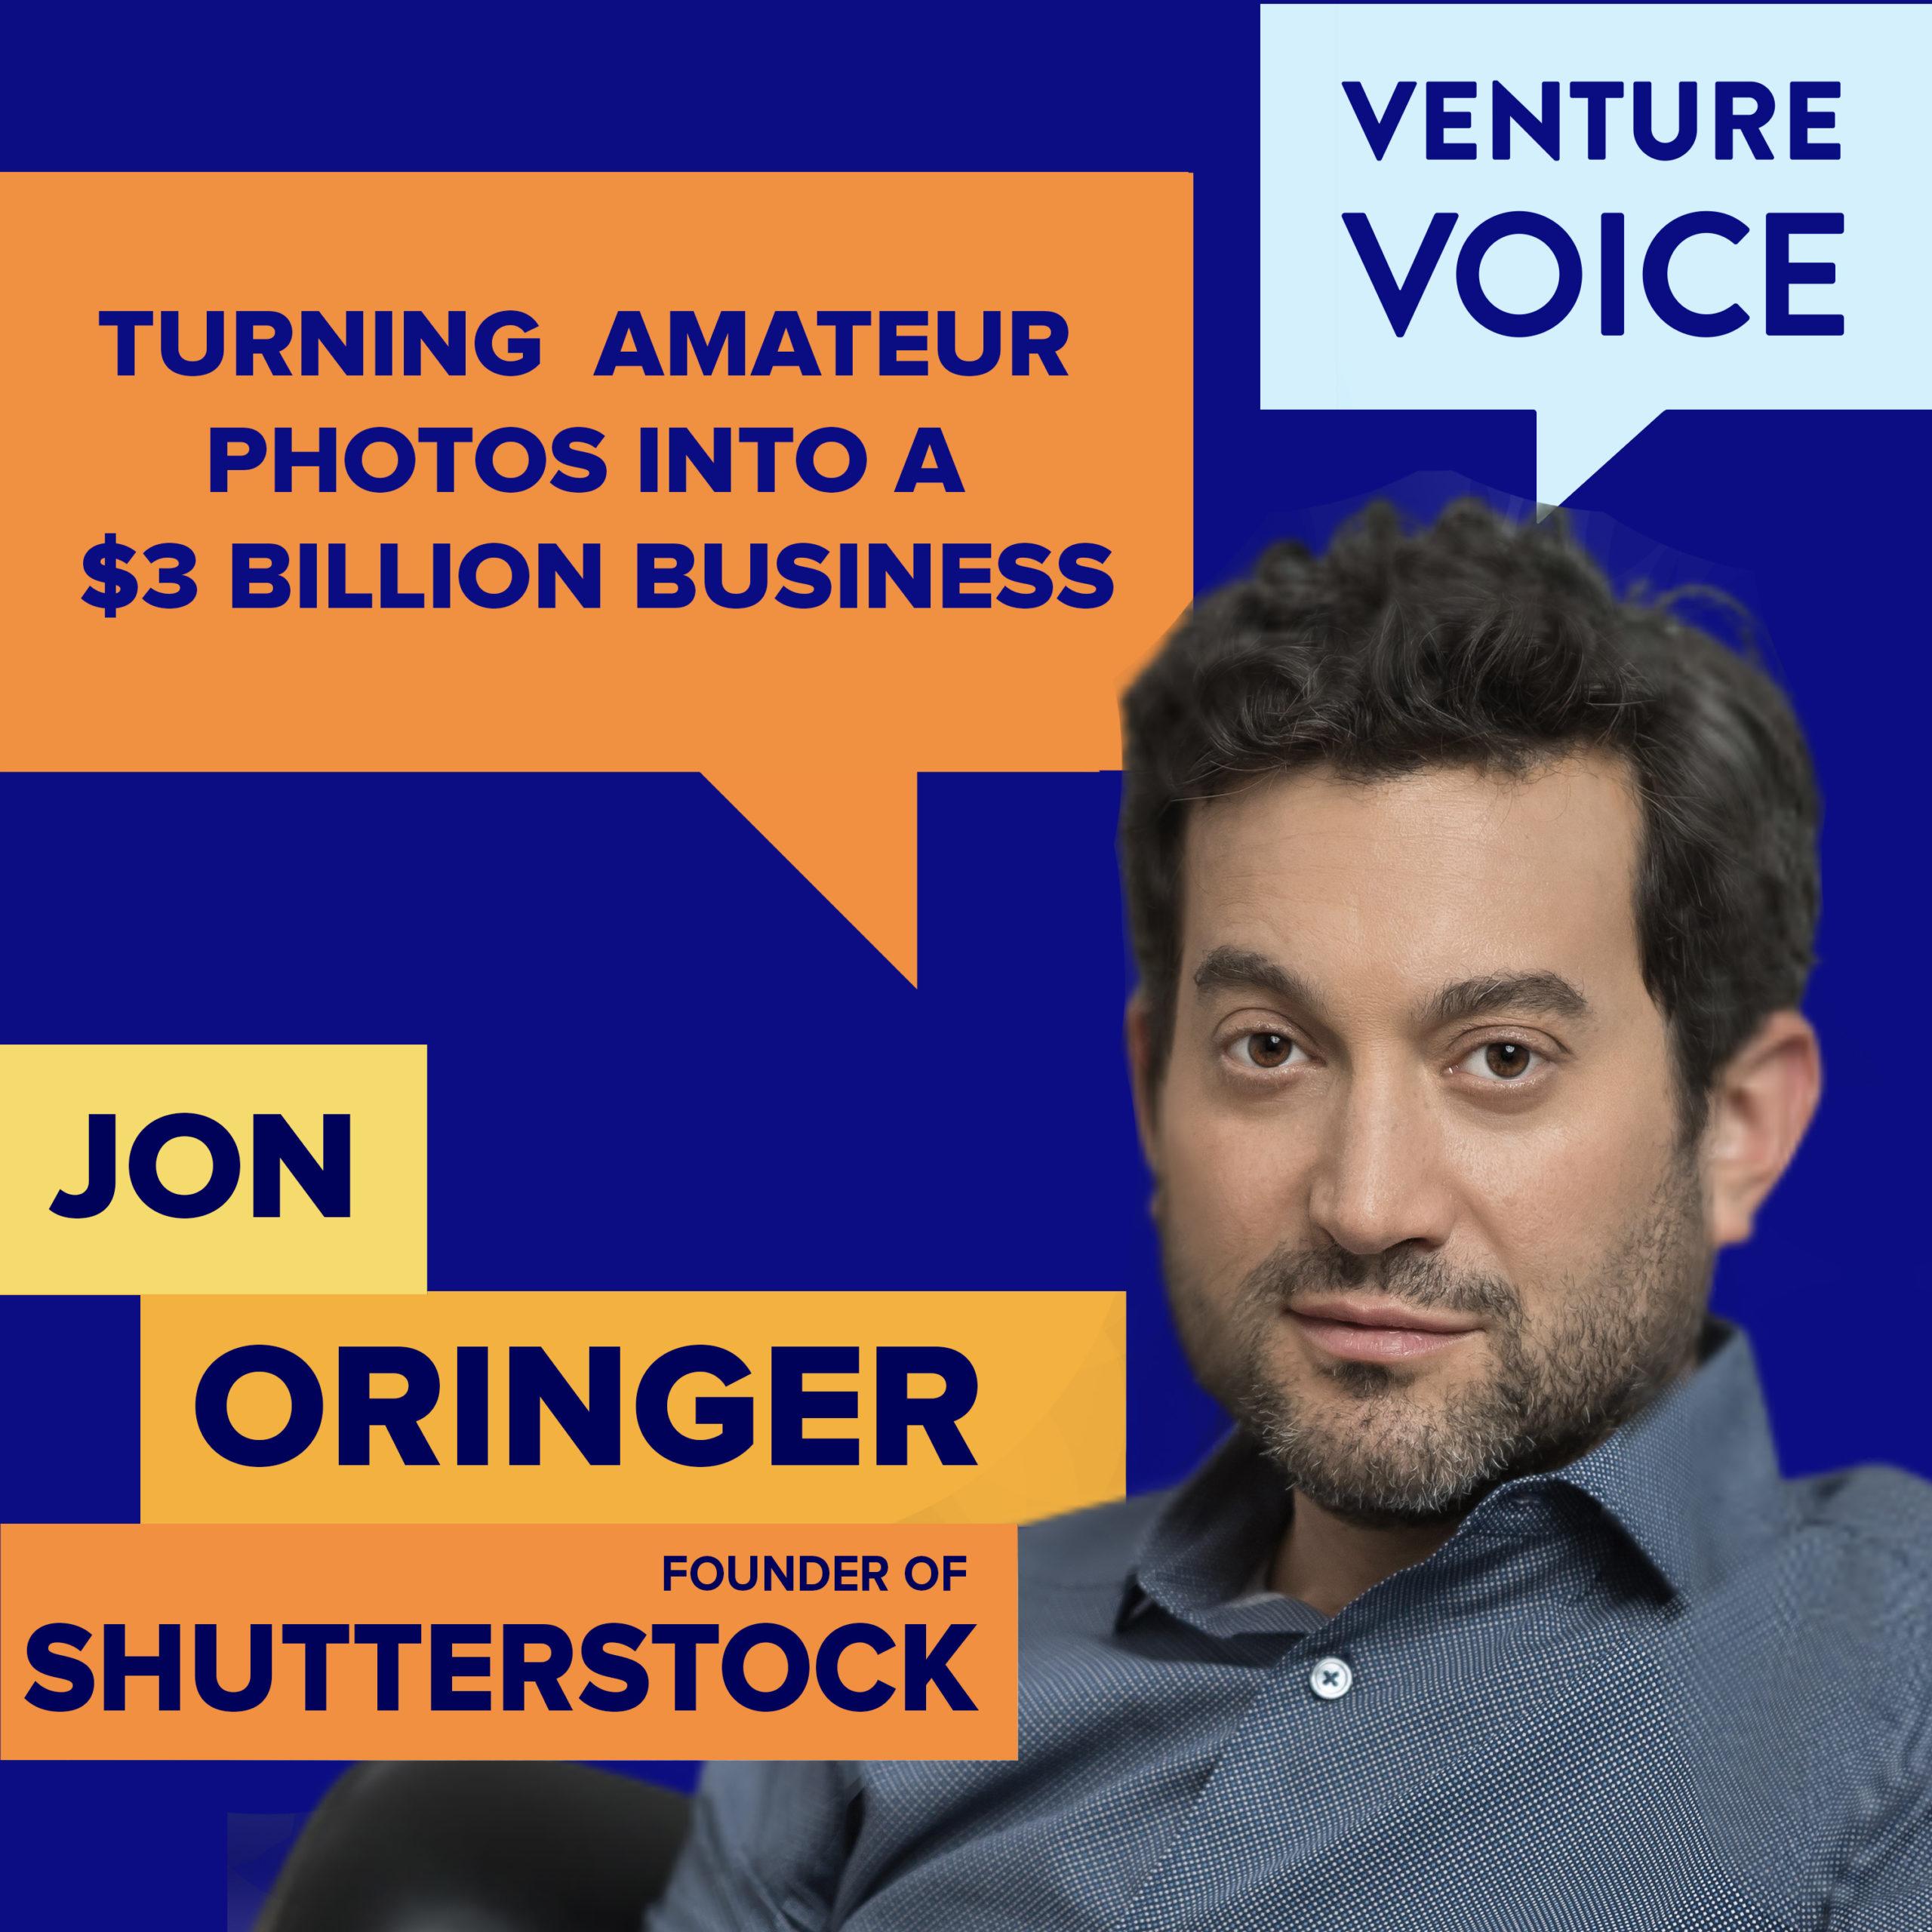 Jon Oringer of Shutterstock